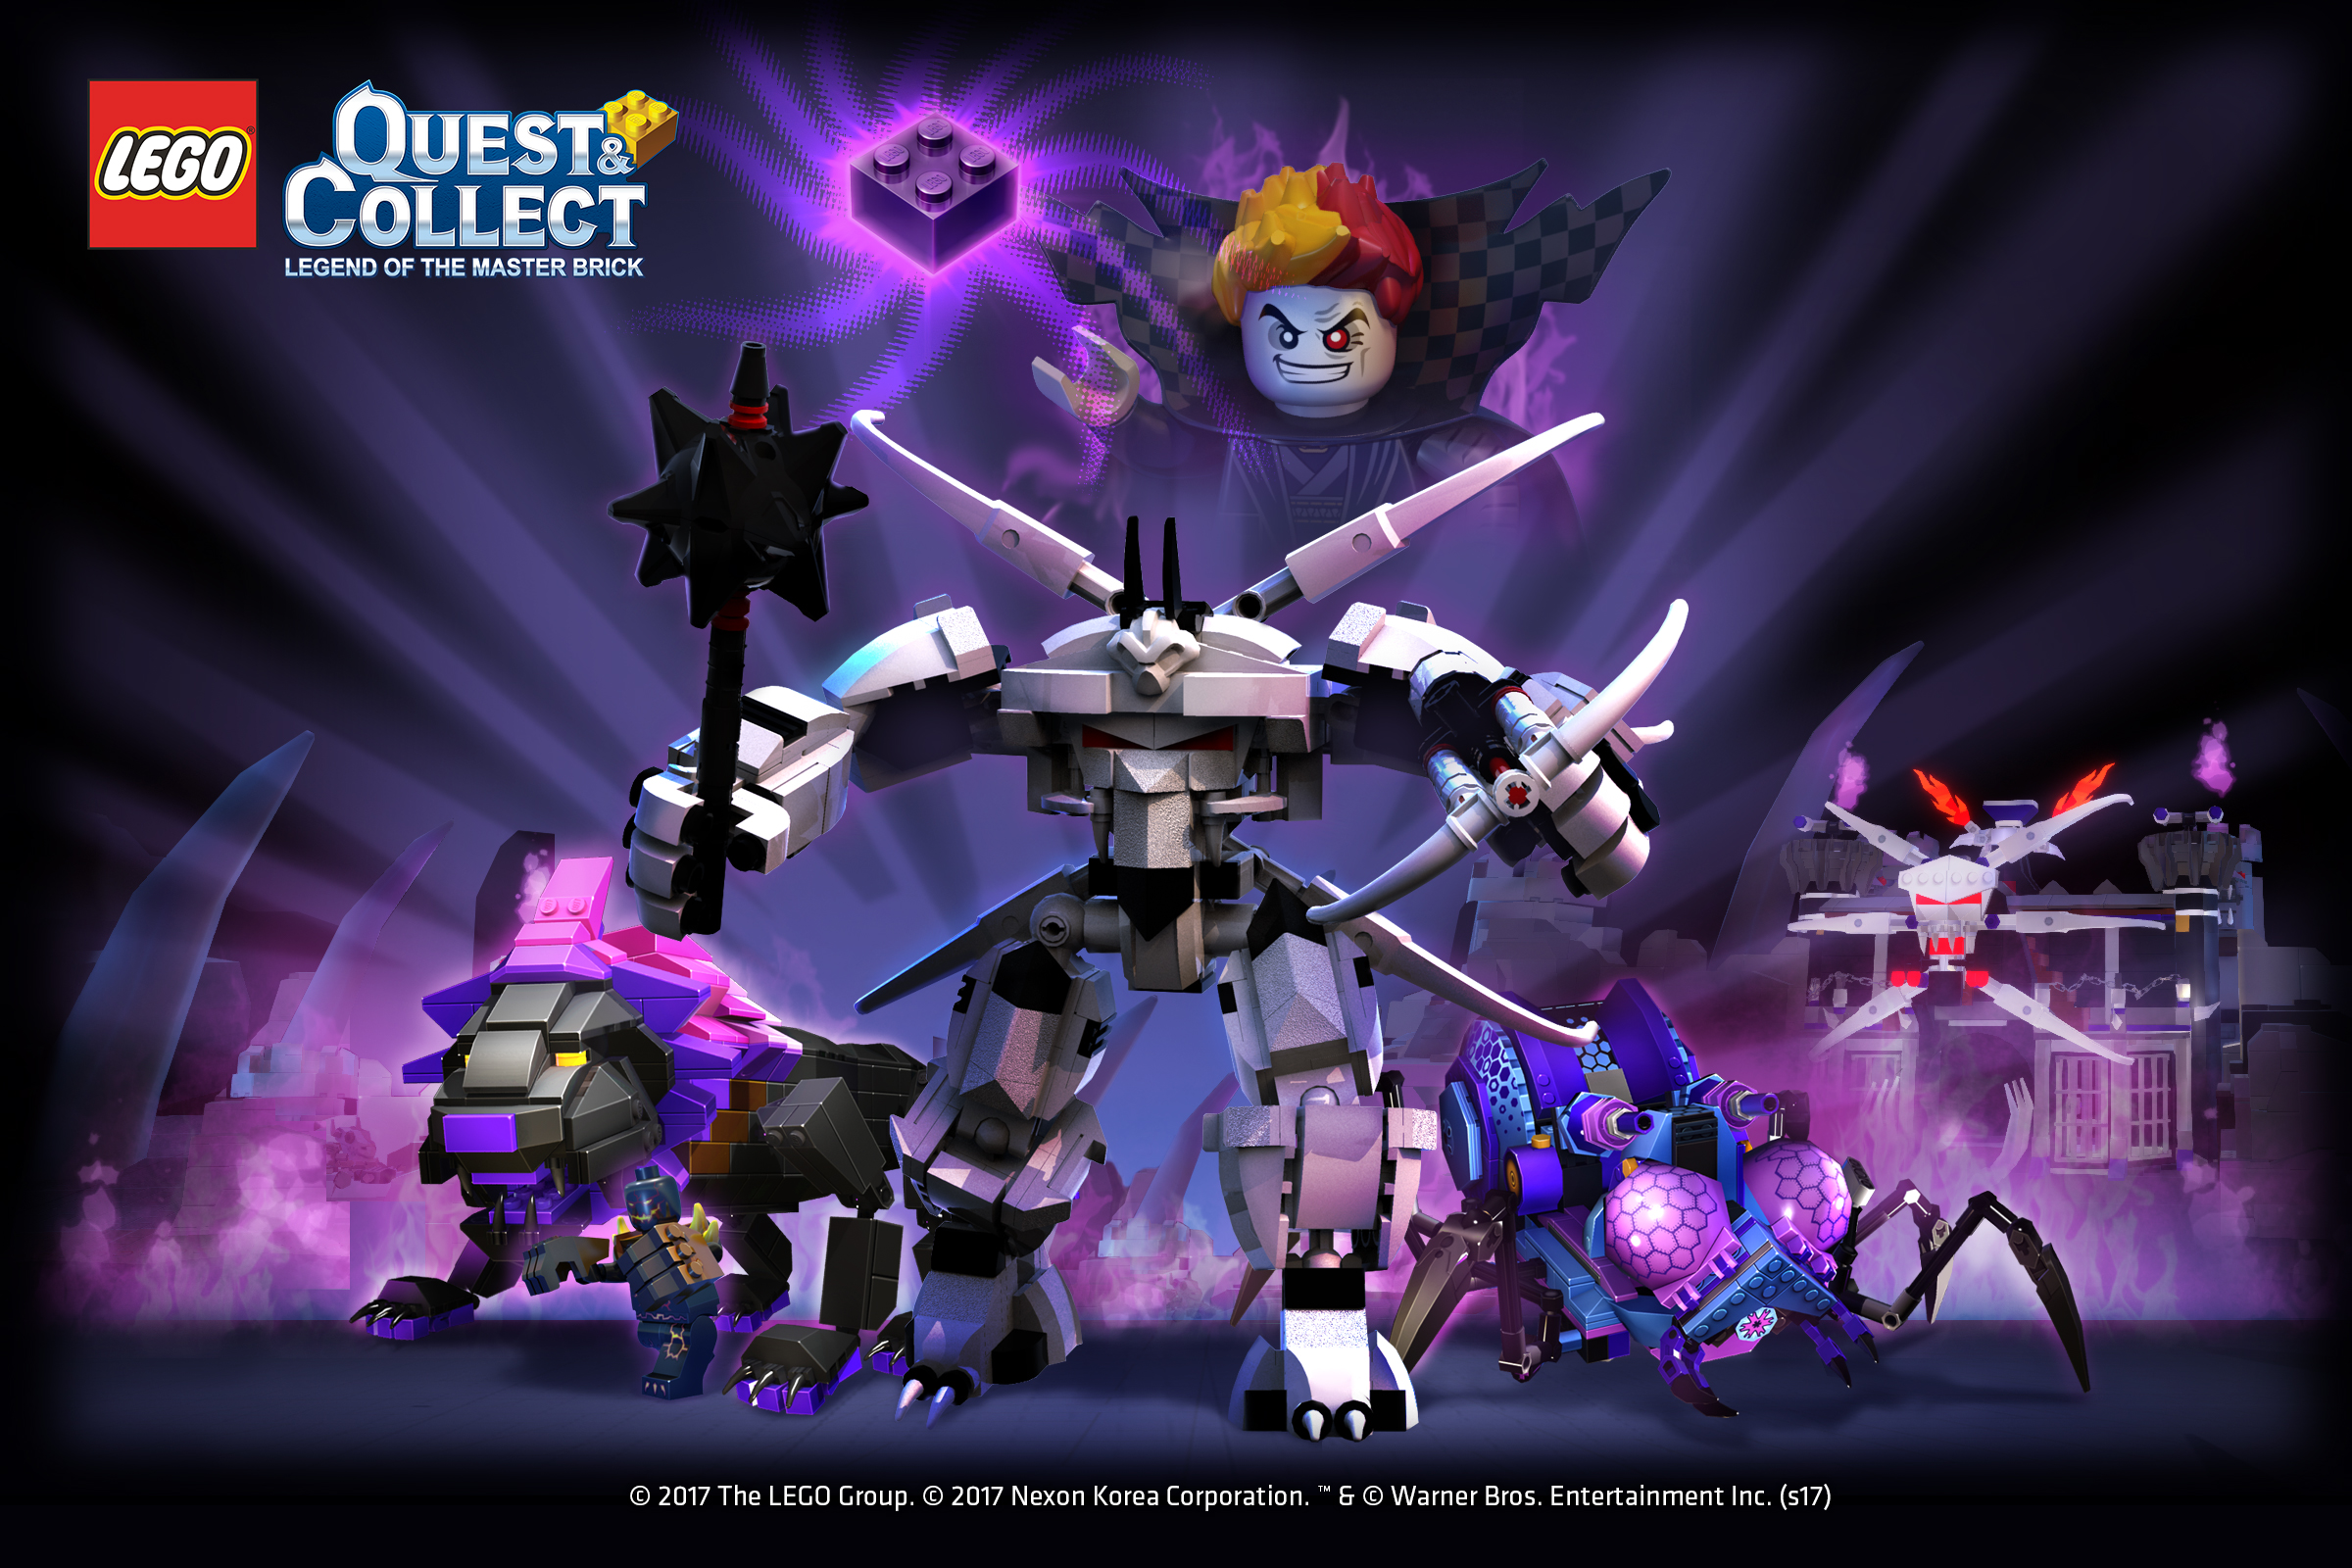 一同前往《樂高® 任務與收集》「地底世界」  在暗黑力量中拯救被邪惡吞噬的英雄!